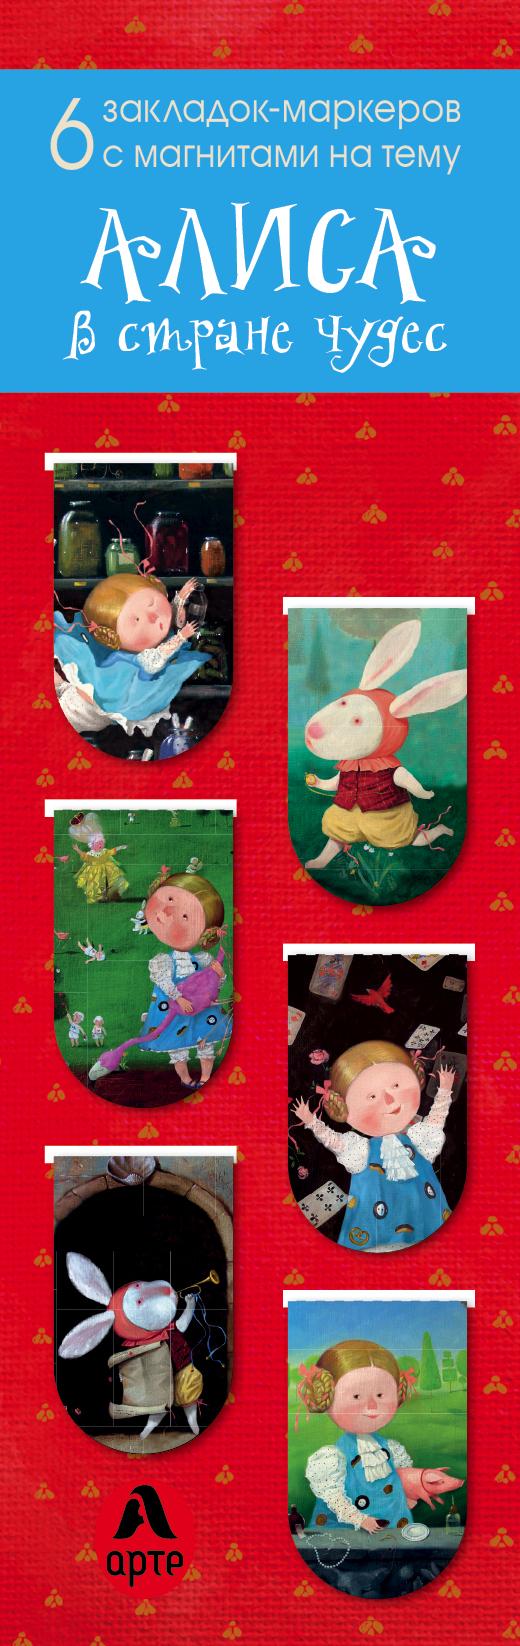 Магнитные закладки. Алиса в стране чудес (6 закладок полукругл.) (Арте)